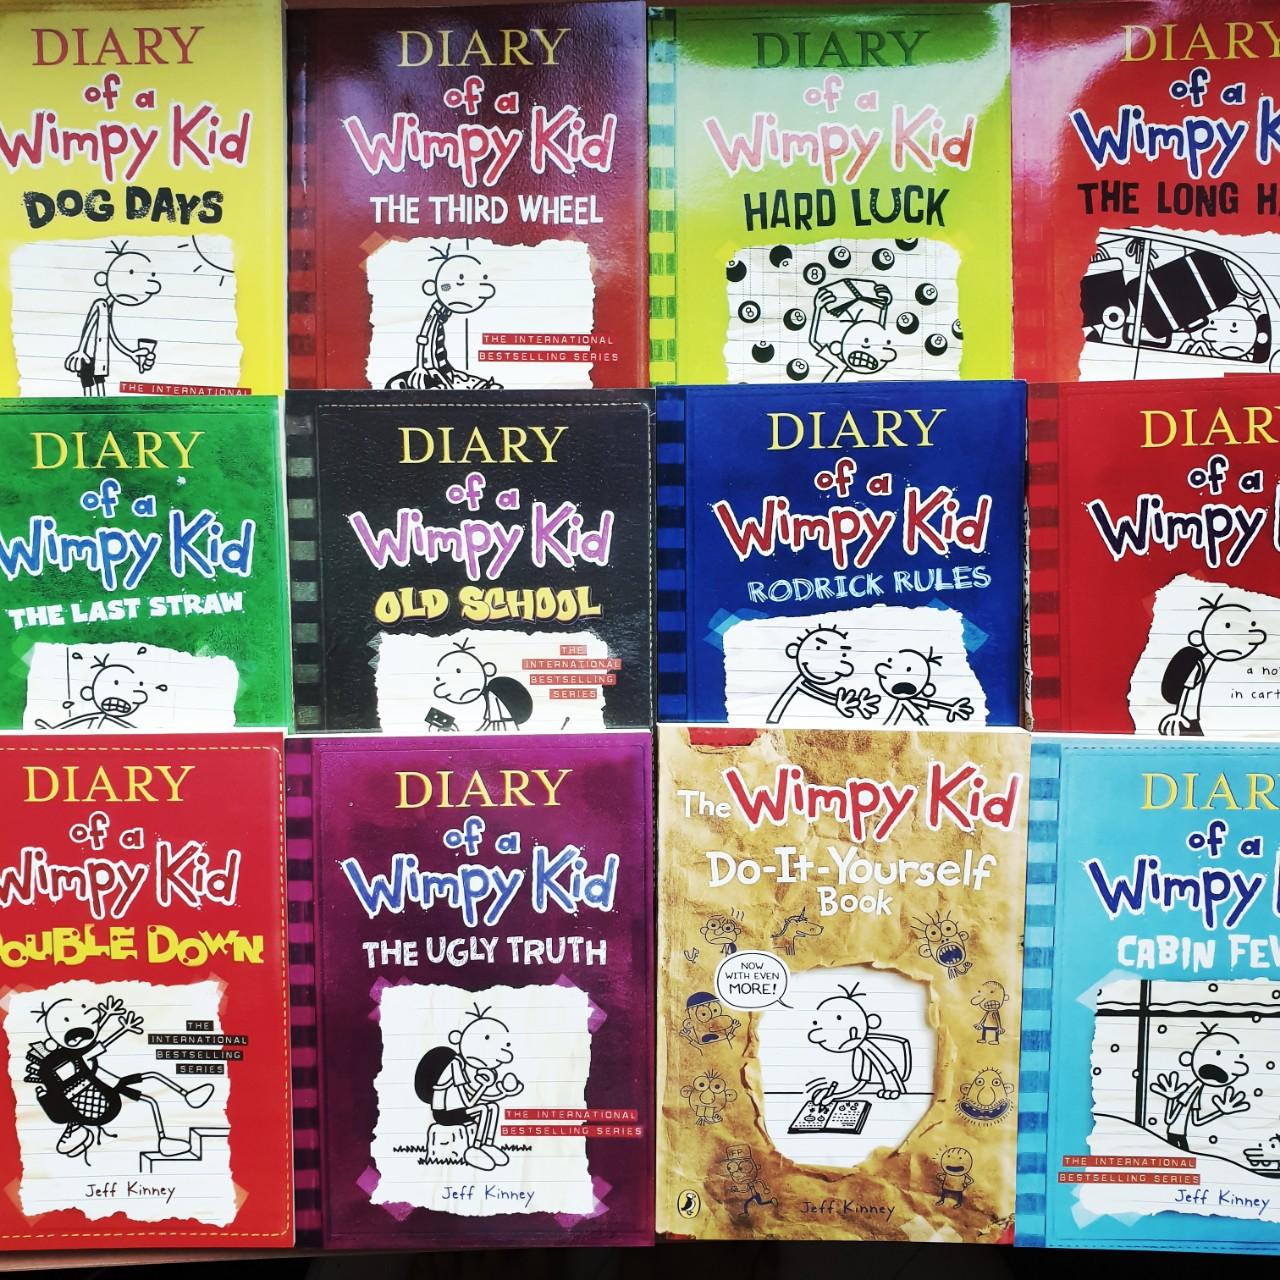 Sách DIARY OF A WIMPY KID - Nhật Kí Chú Bé Nhút Nhát Full 12 Cuốn - Sách Nhập Khẩu, Chống Loá Giá Siêu Rẻ